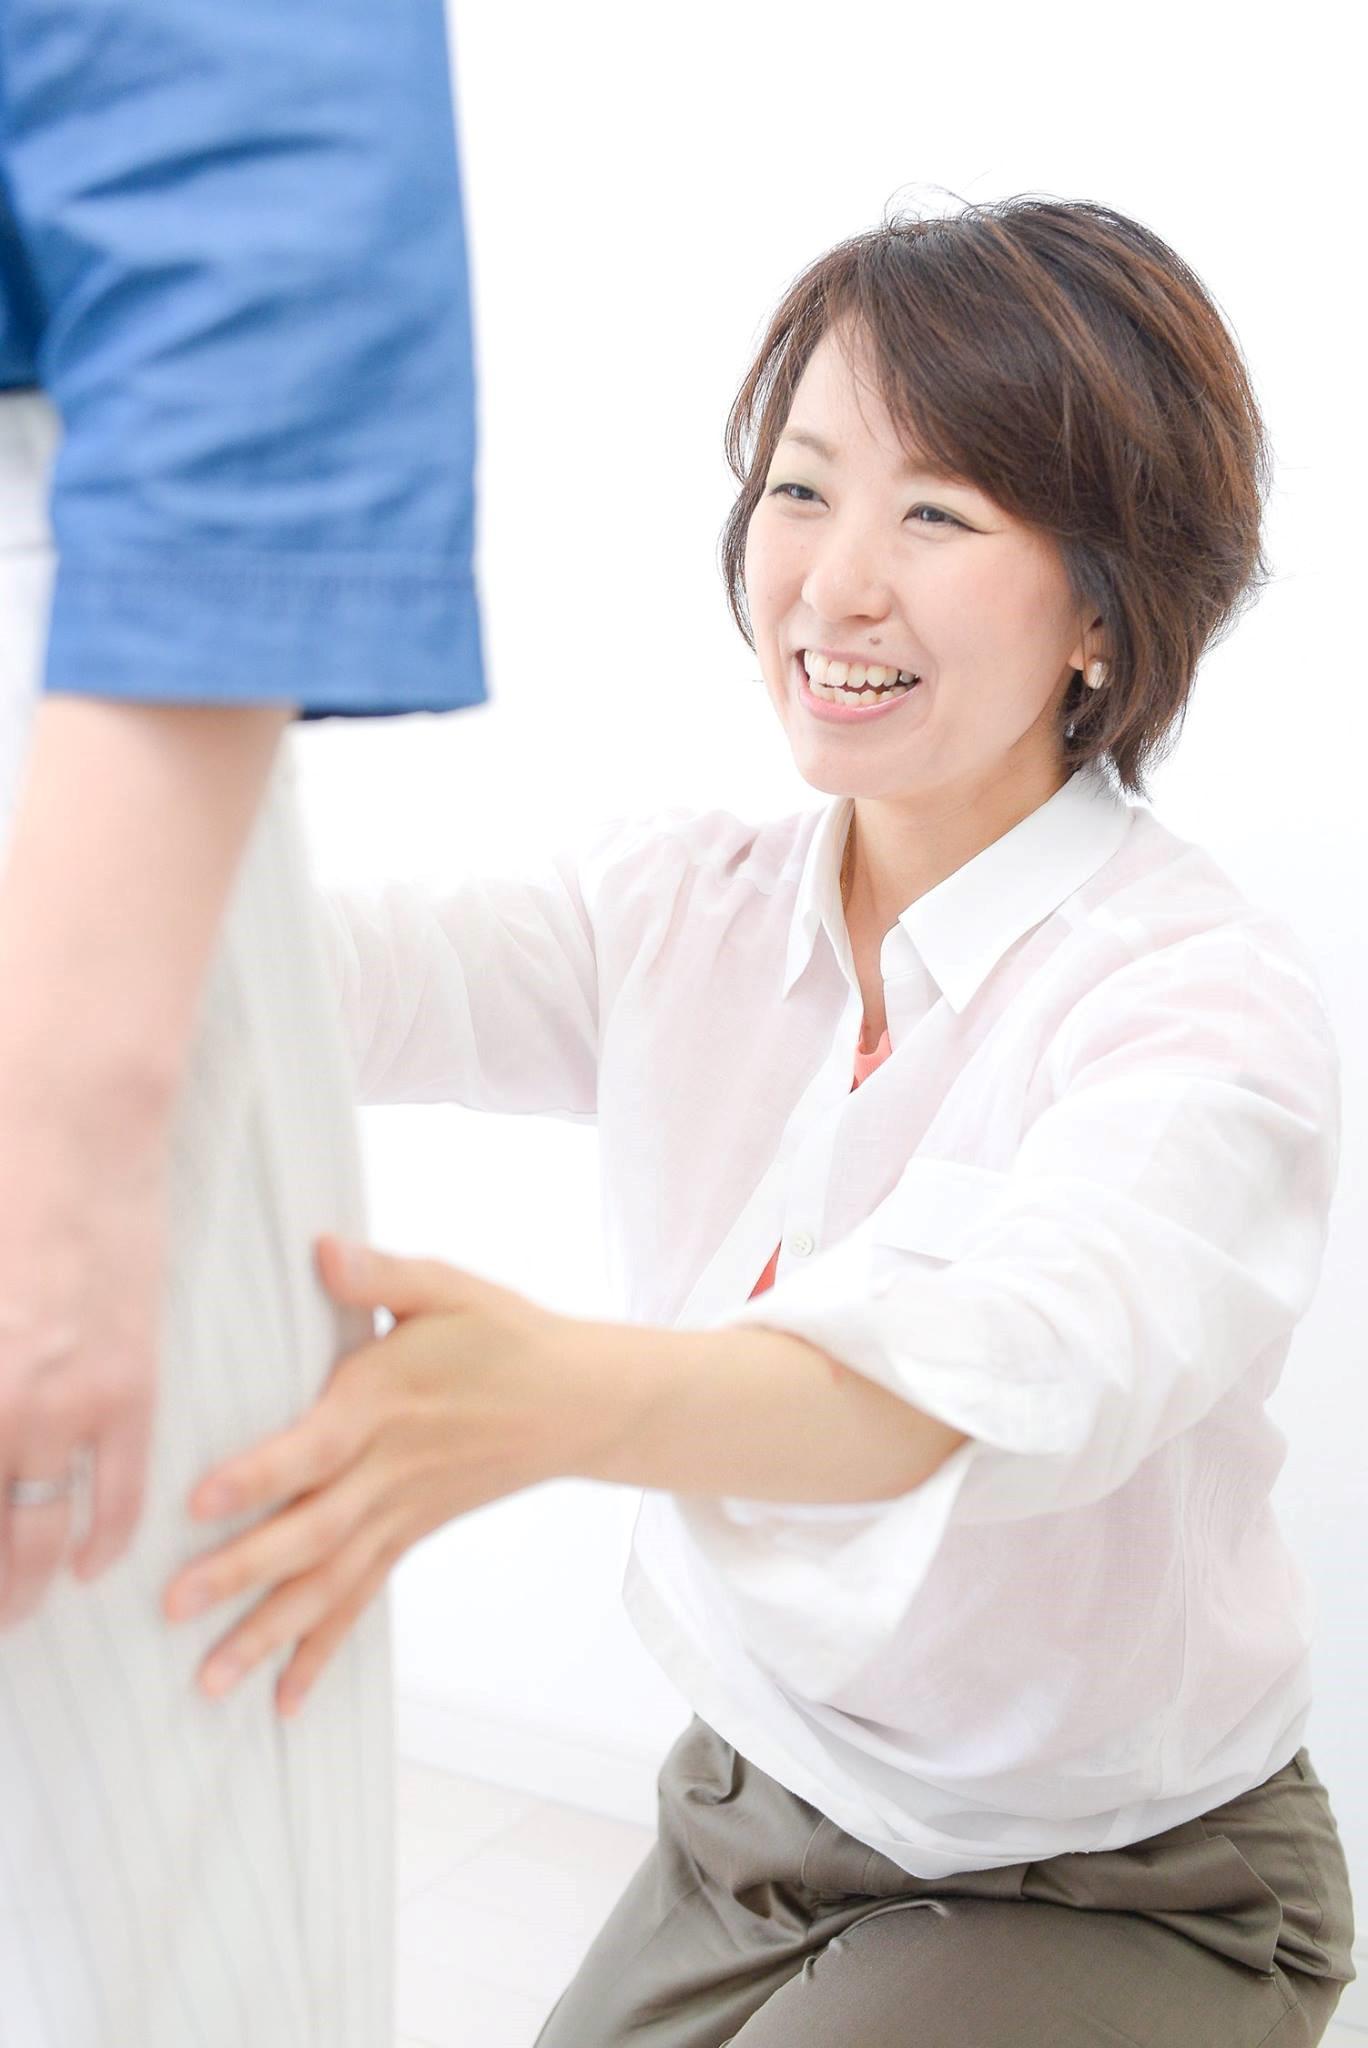 産後のポッコリお腹改善集中プログラム